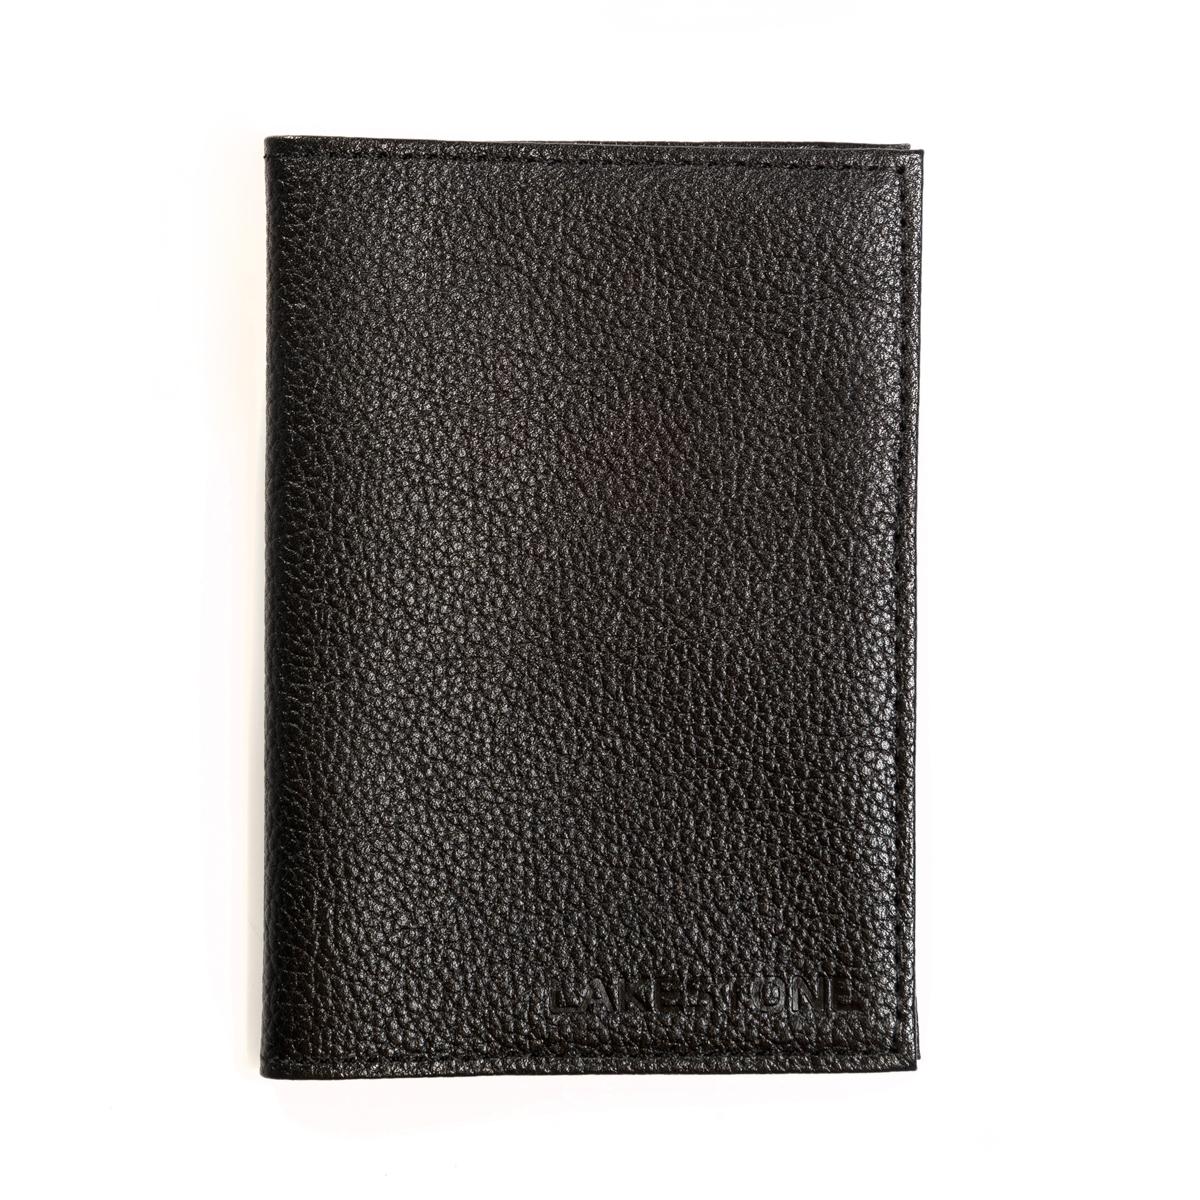 Обложка для паспорта Ripon Black